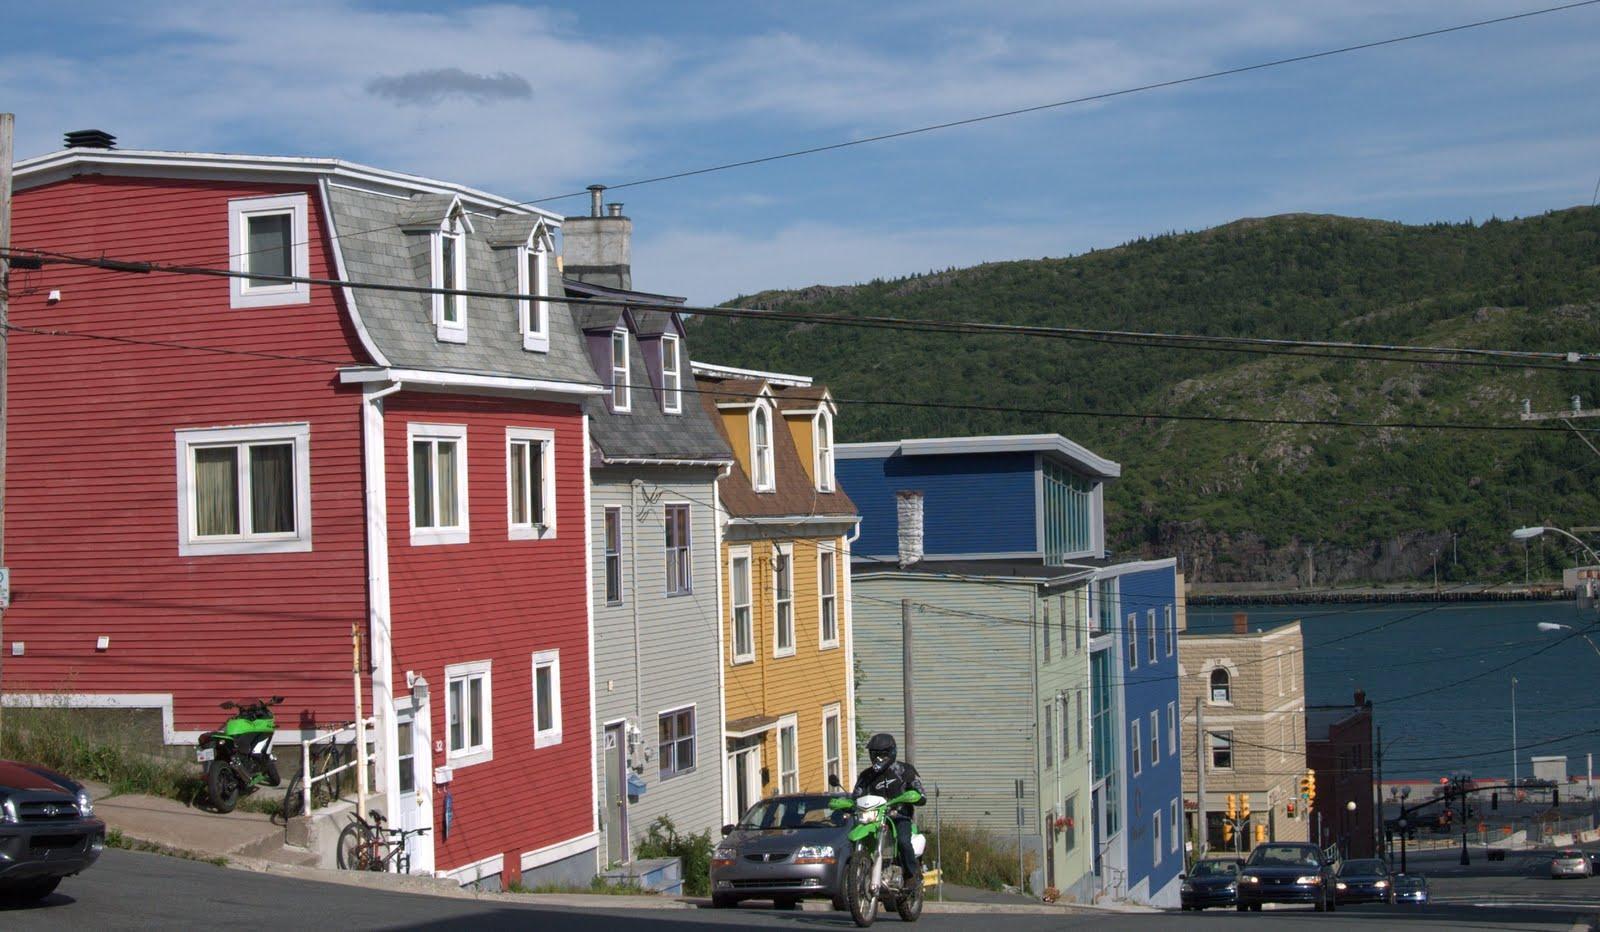 St john s newfoundland weird wild and wonderful a for Newfoundland houses